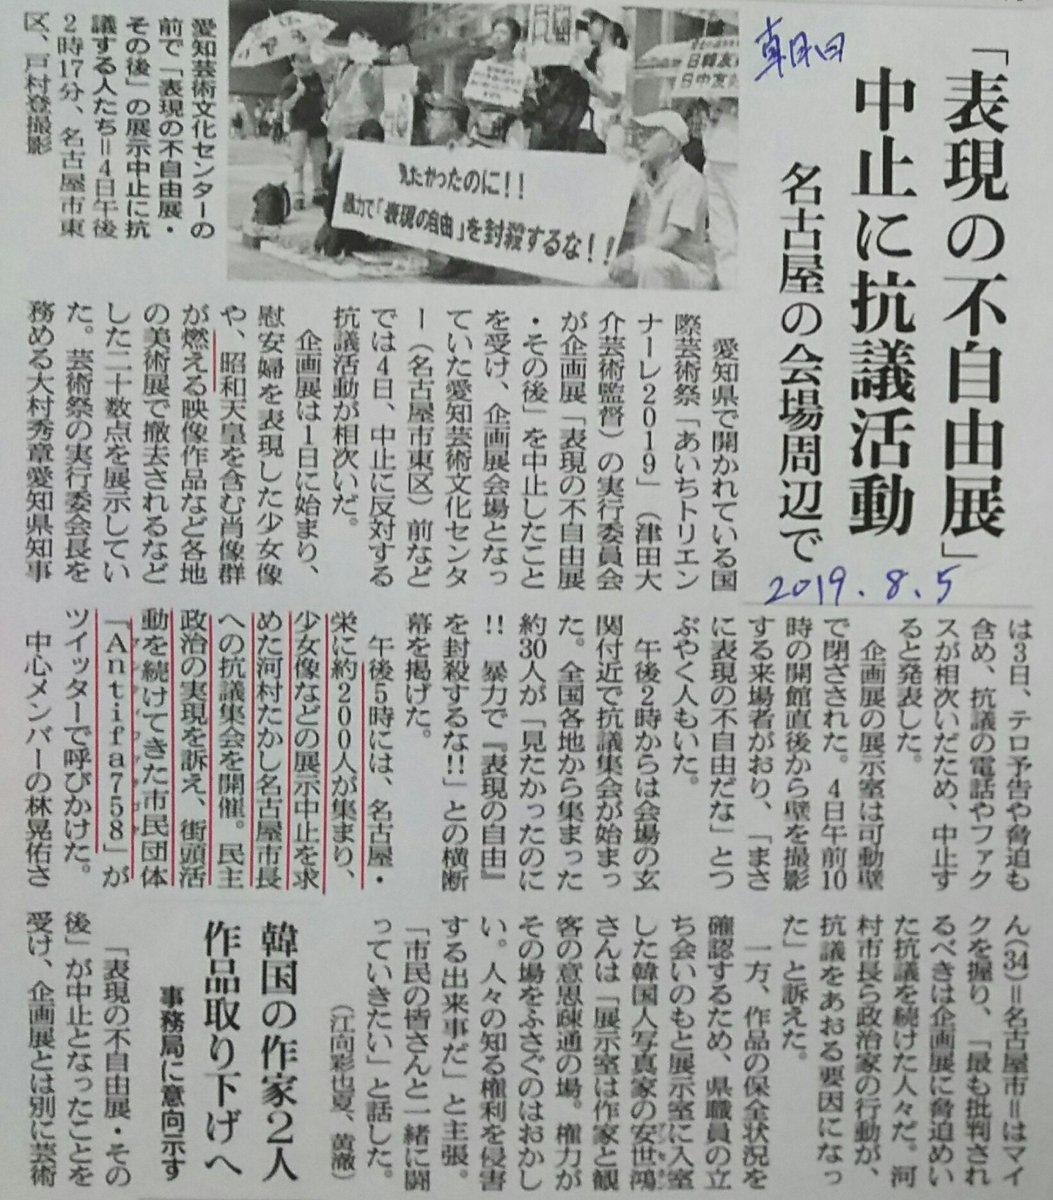 昨年『表現の不自由展』中止に抗議し、河村市長糾弾活動をしたのがアンティファ。トランプ氏が